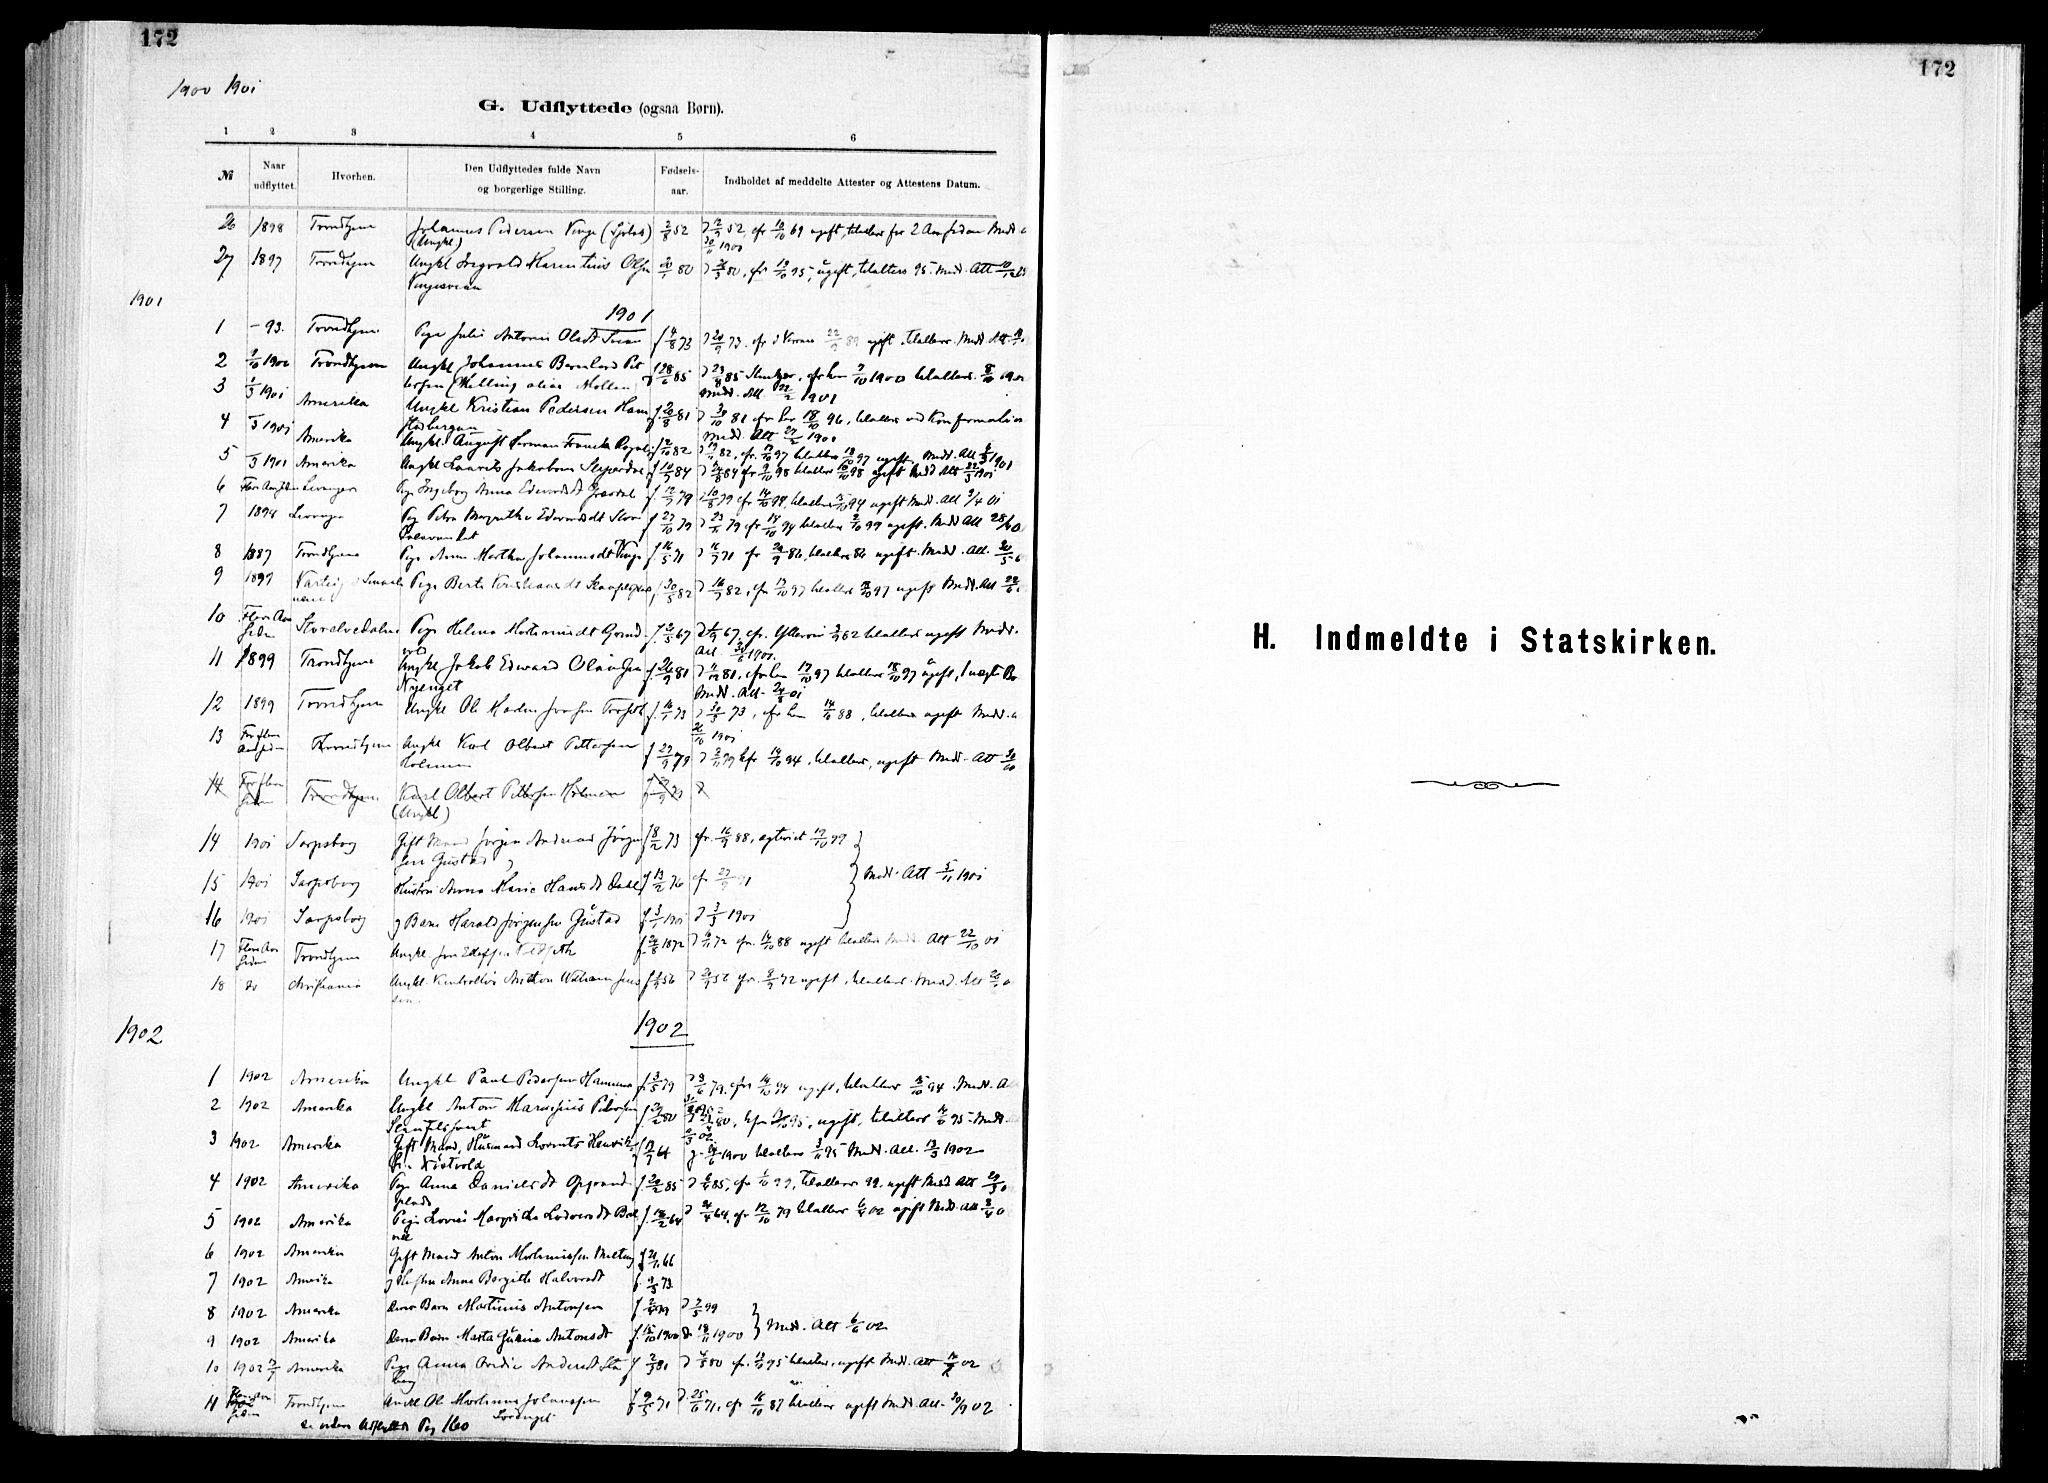 SAT, Ministerialprotokoller, klokkerbøker og fødselsregistre - Nord-Trøndelag, 733/L0325: Parish register (official) no. 733A04, 1884-1908, p. 172